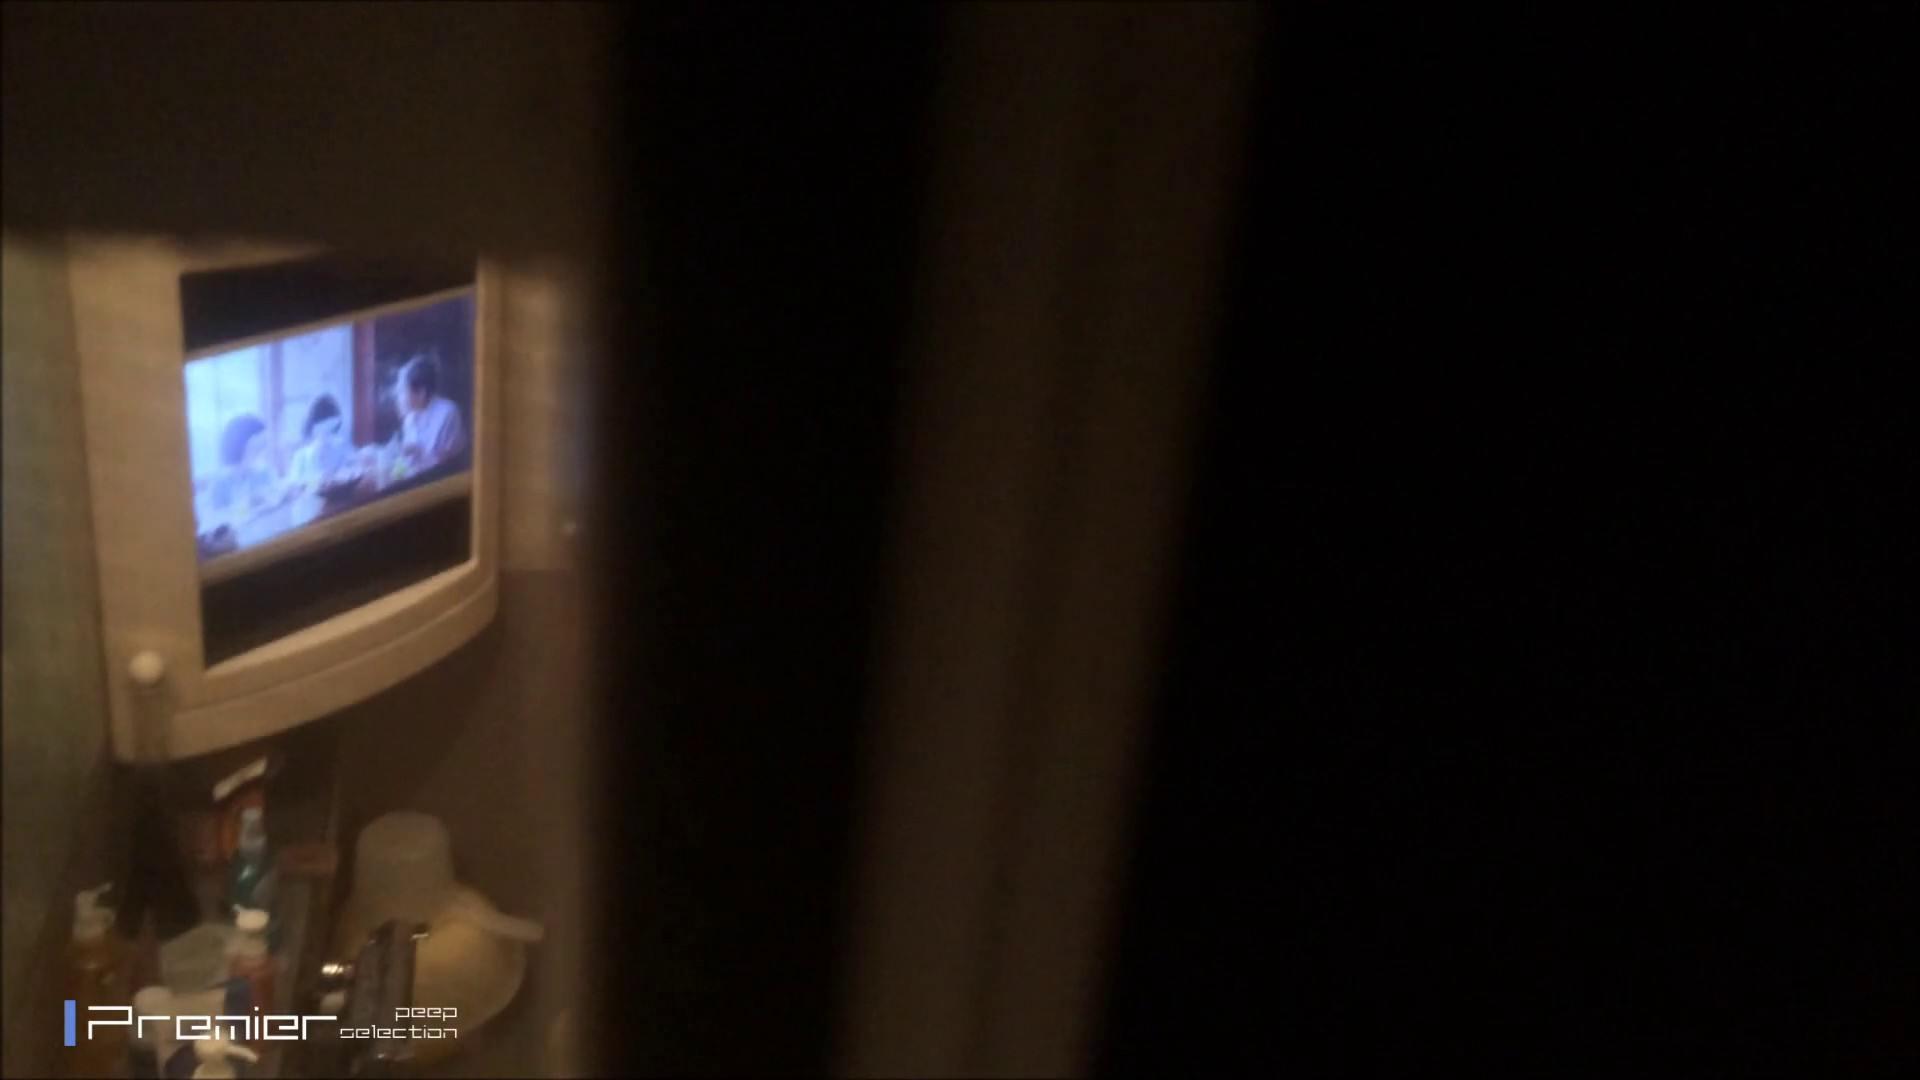 美女のテレビを見ながらの入浴 乙女の風呂場 Vol.21 乙女もsex セックス無修正動画無料 85枚 27